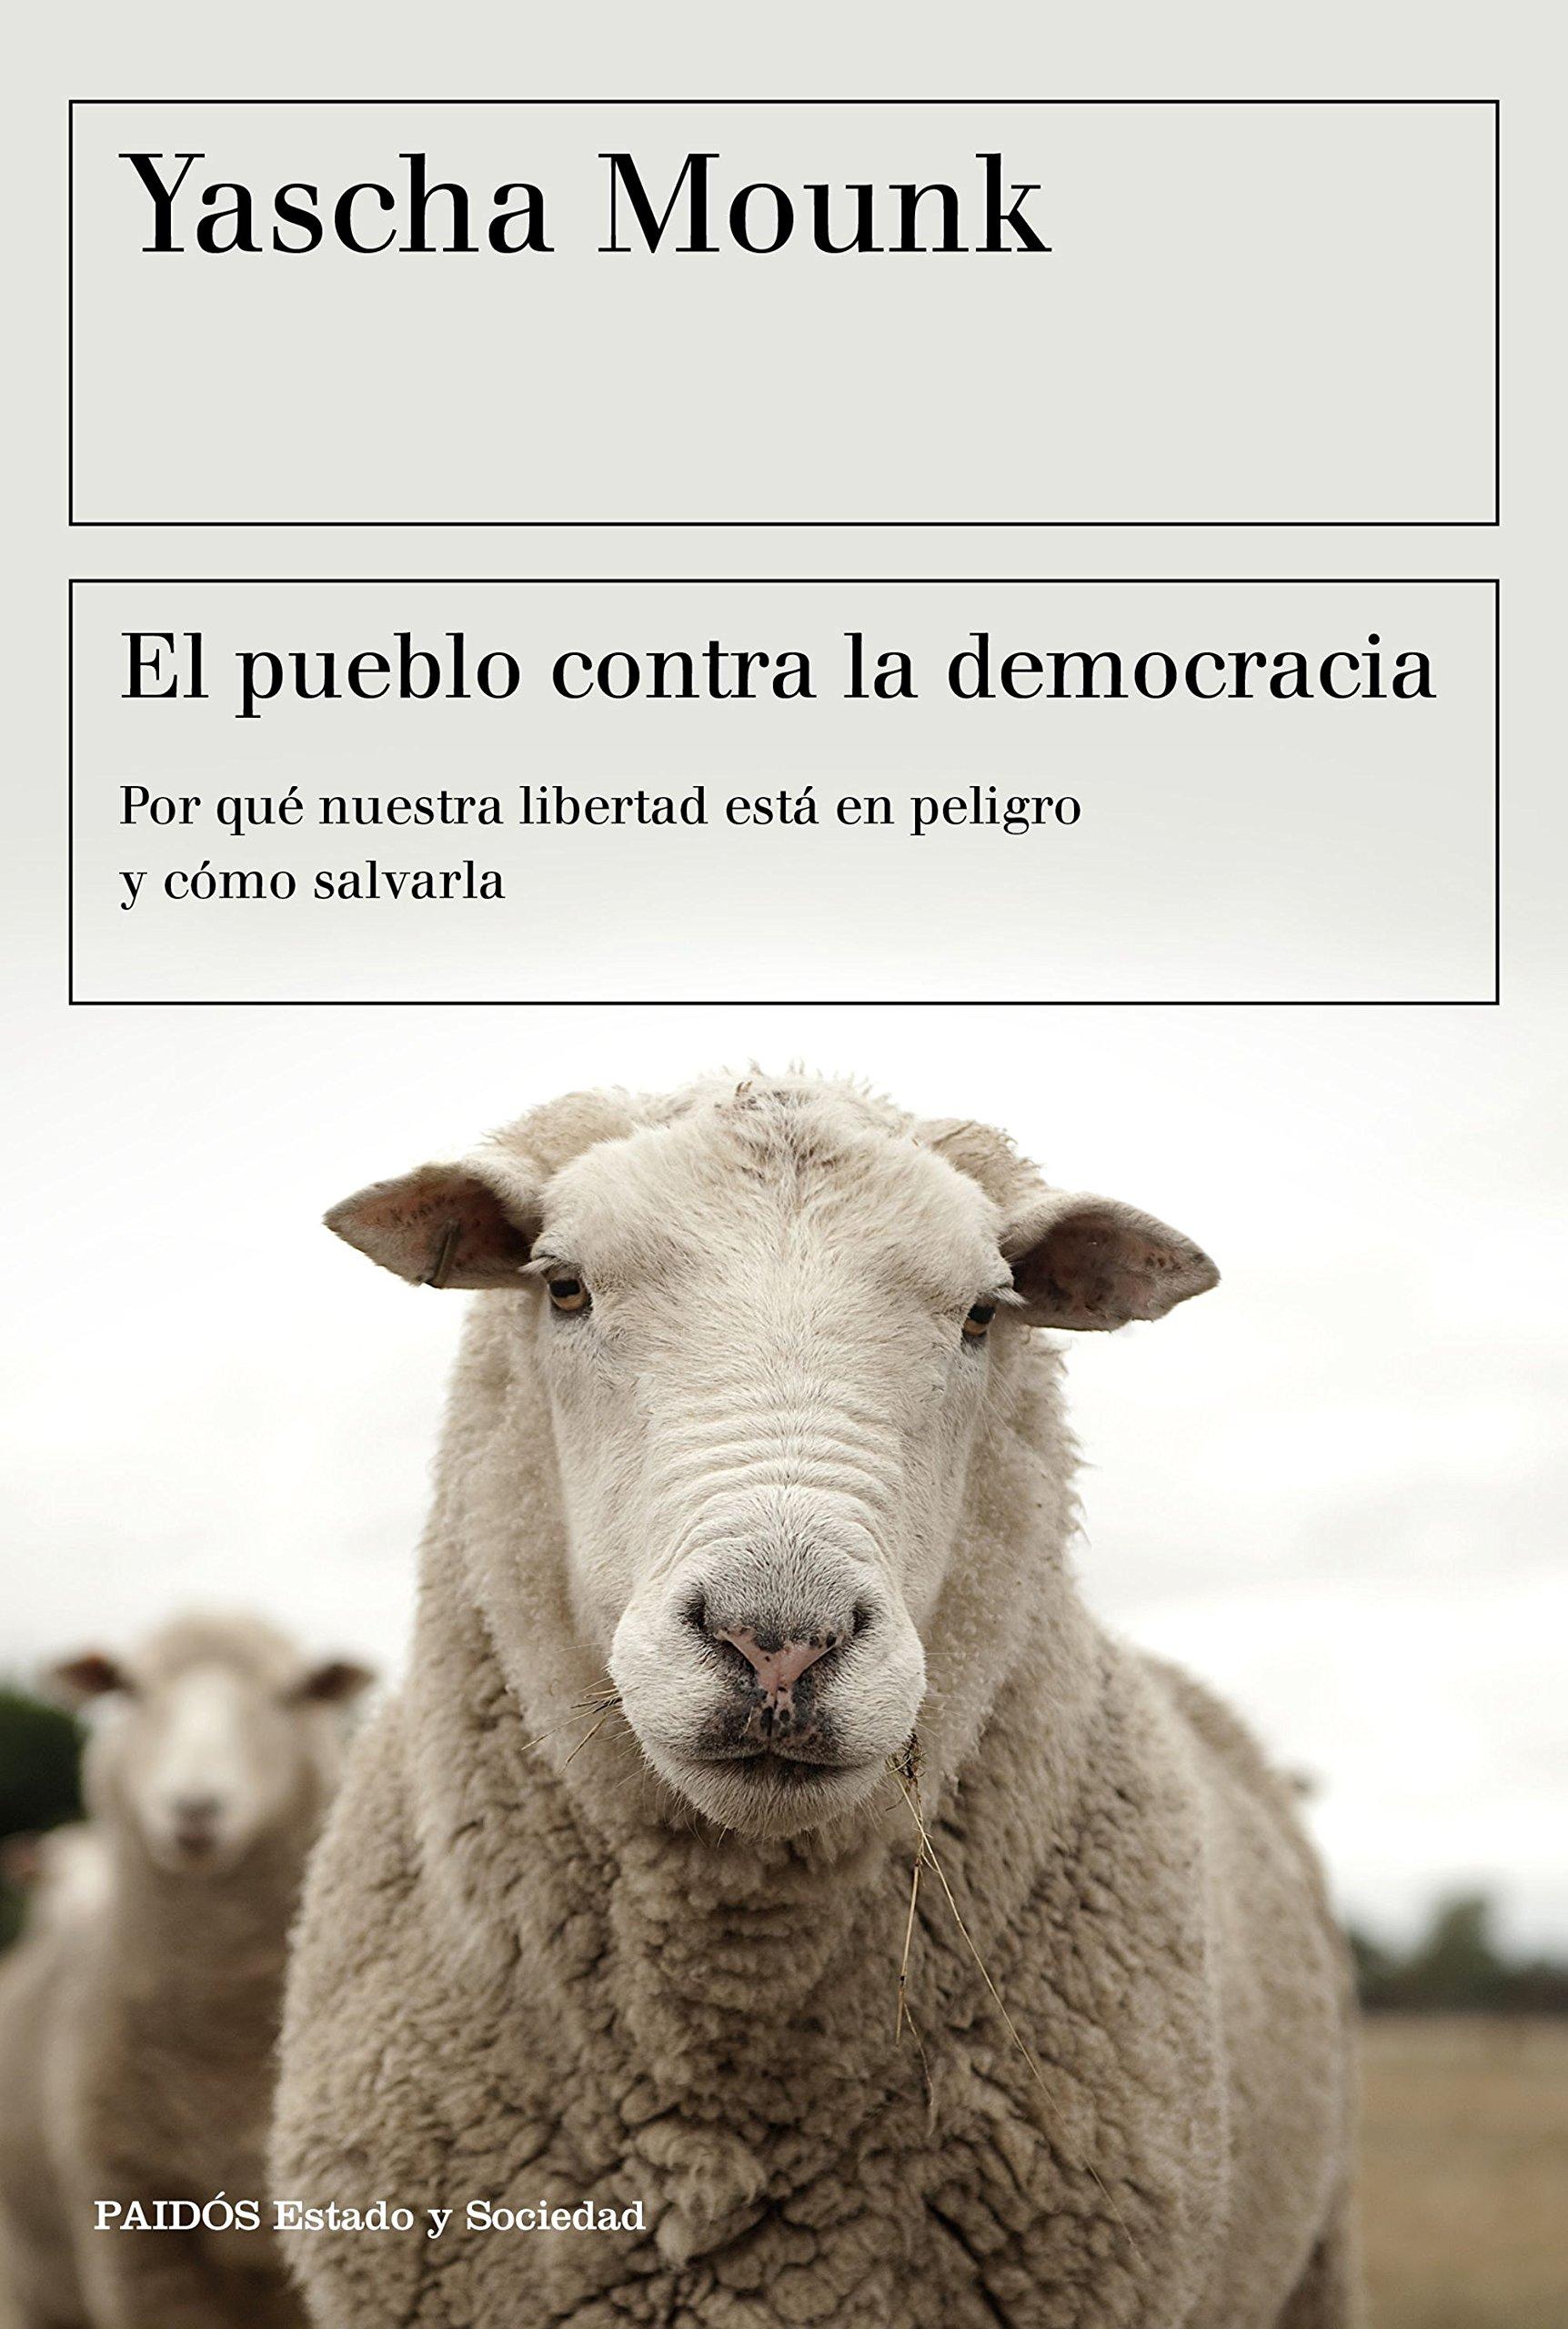 El pueblo contra la democracia: Por qué nuestra libertad está en peligro y cómo salvarla (Estado y Sociedad) Tapa blanda – 6 sep 2018 Yascha Mounk Albino Santos Mosquera Ediciones Paidós 8449334829